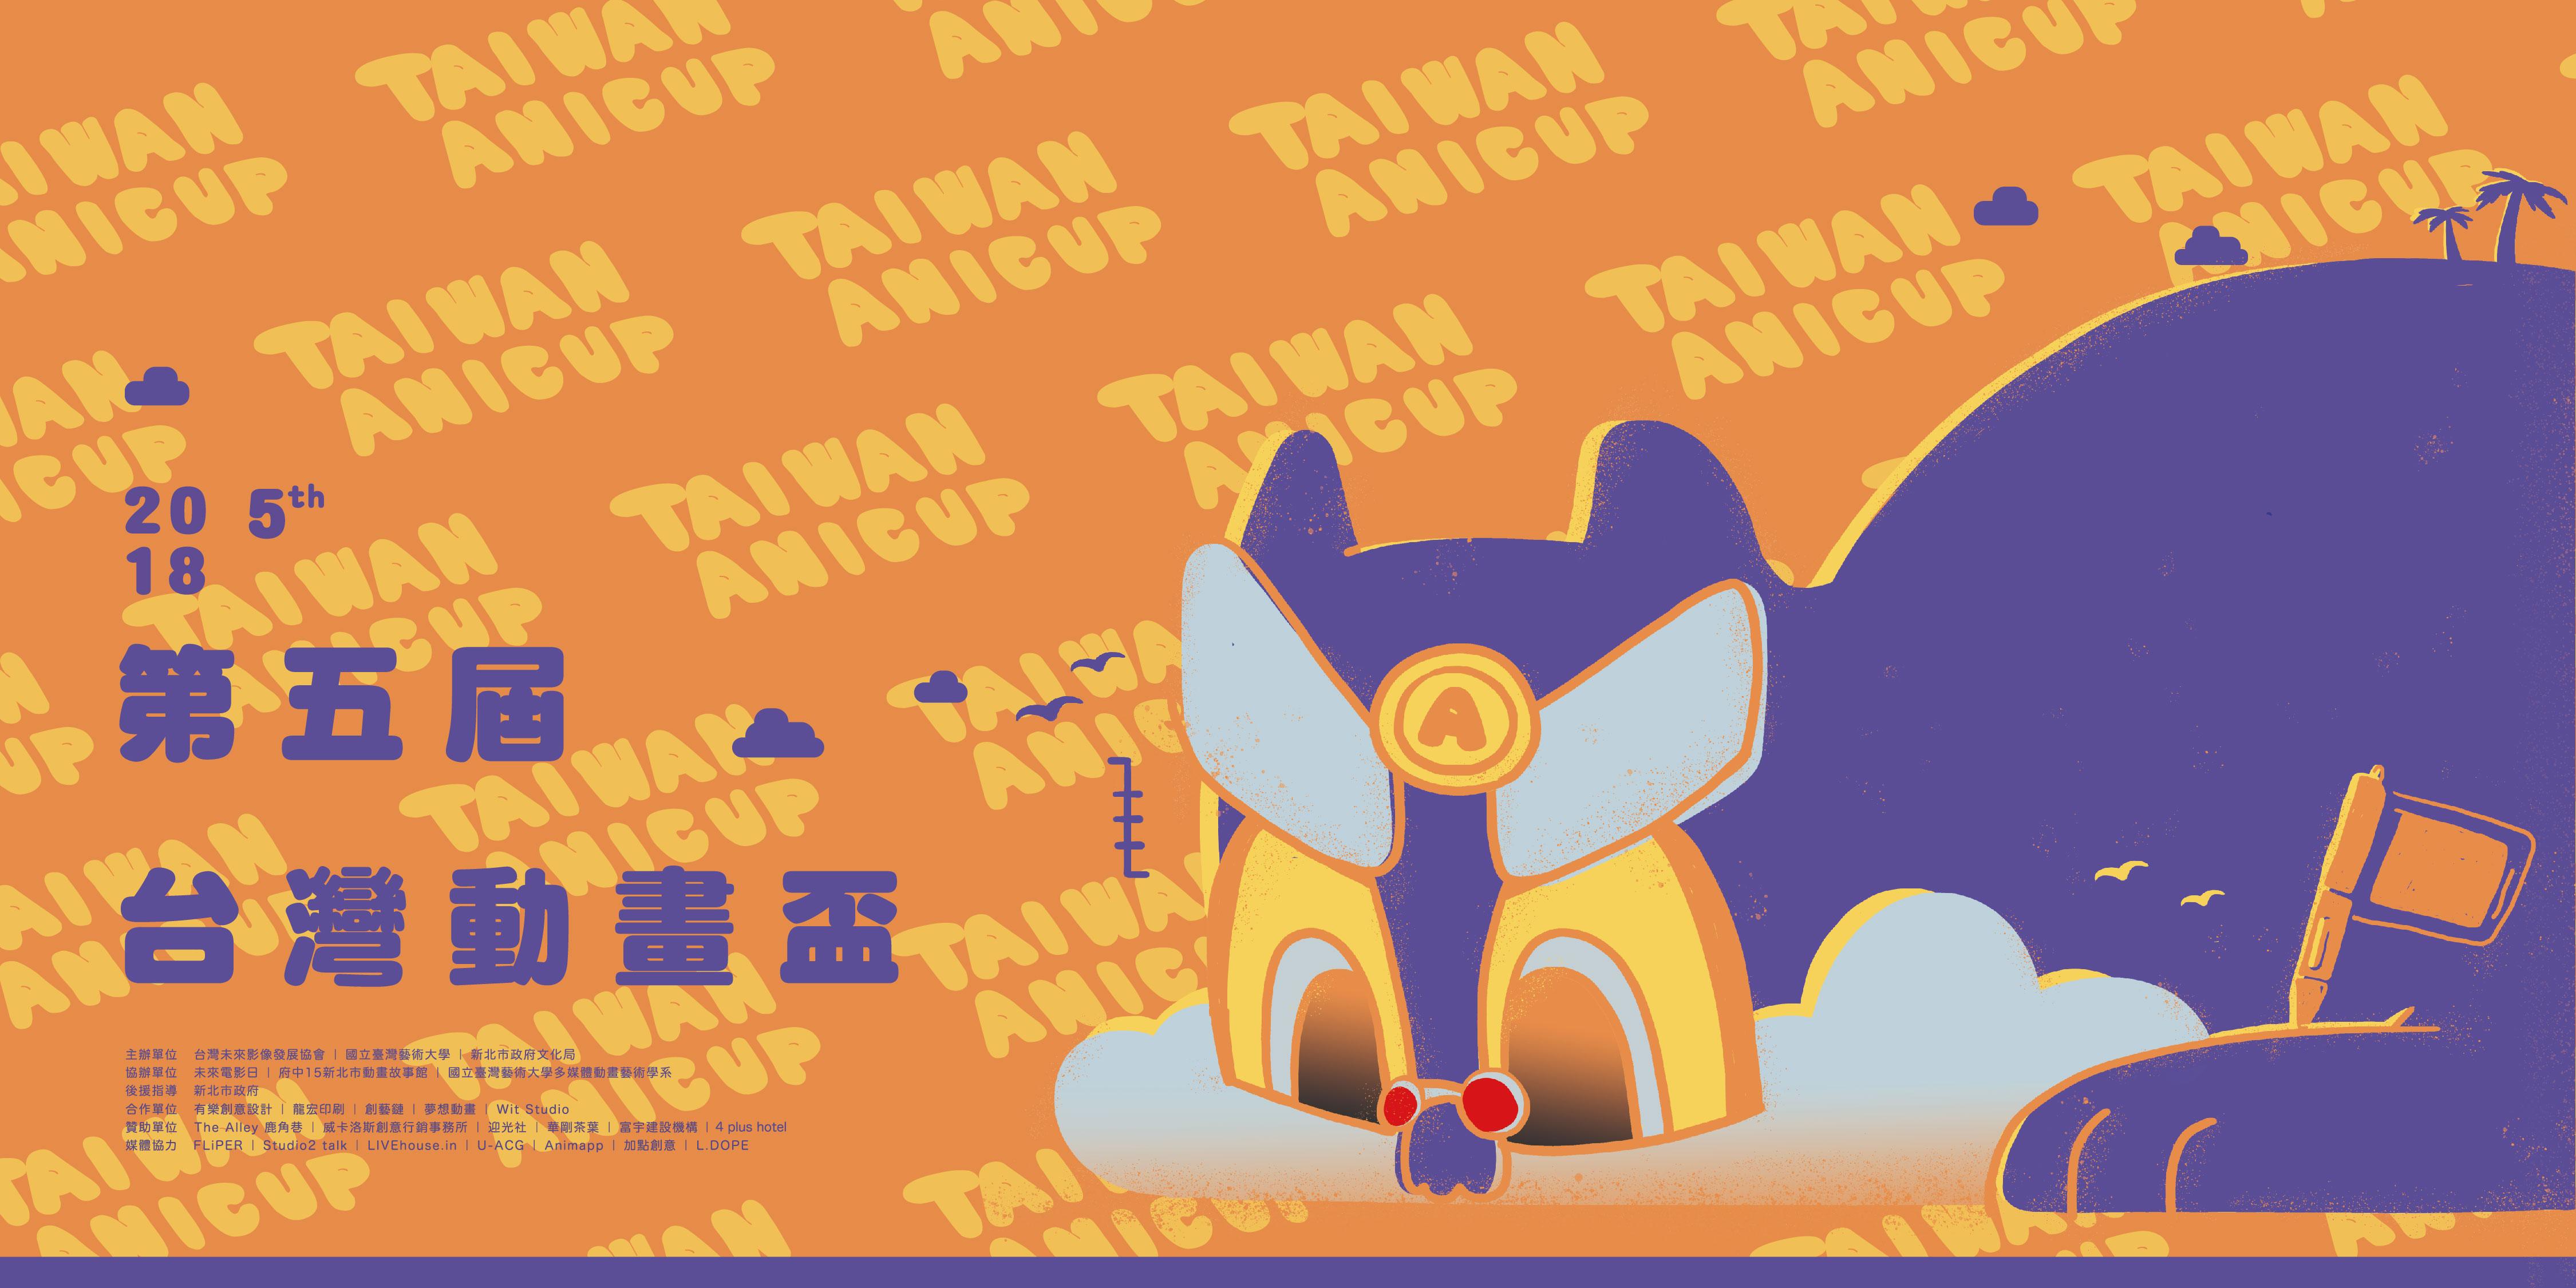 2018 第五屆台灣動畫盃